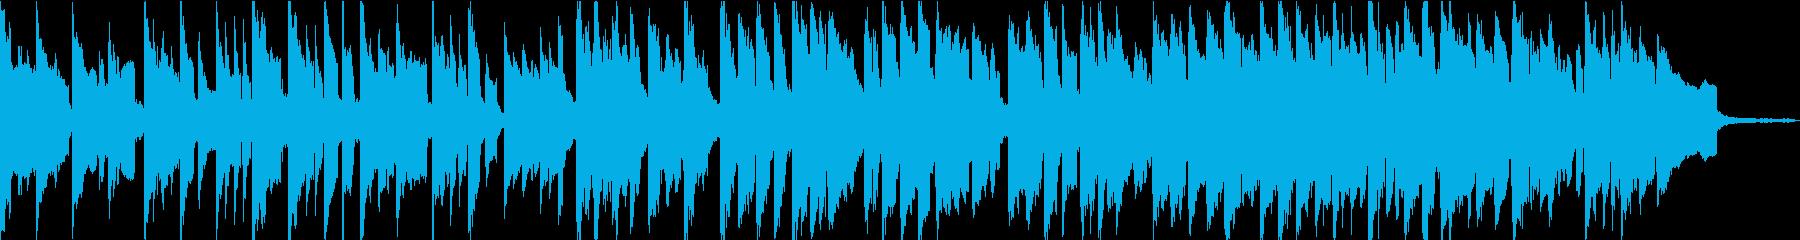 夏祭りにぴったしのほのぼの音楽の再生済みの波形